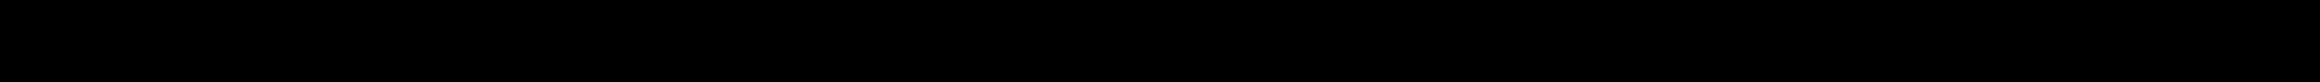 MANN-FILTER 05821212, 5821220, 00 0633 658 0, 0118 0977, 118 0977 Ölfilter